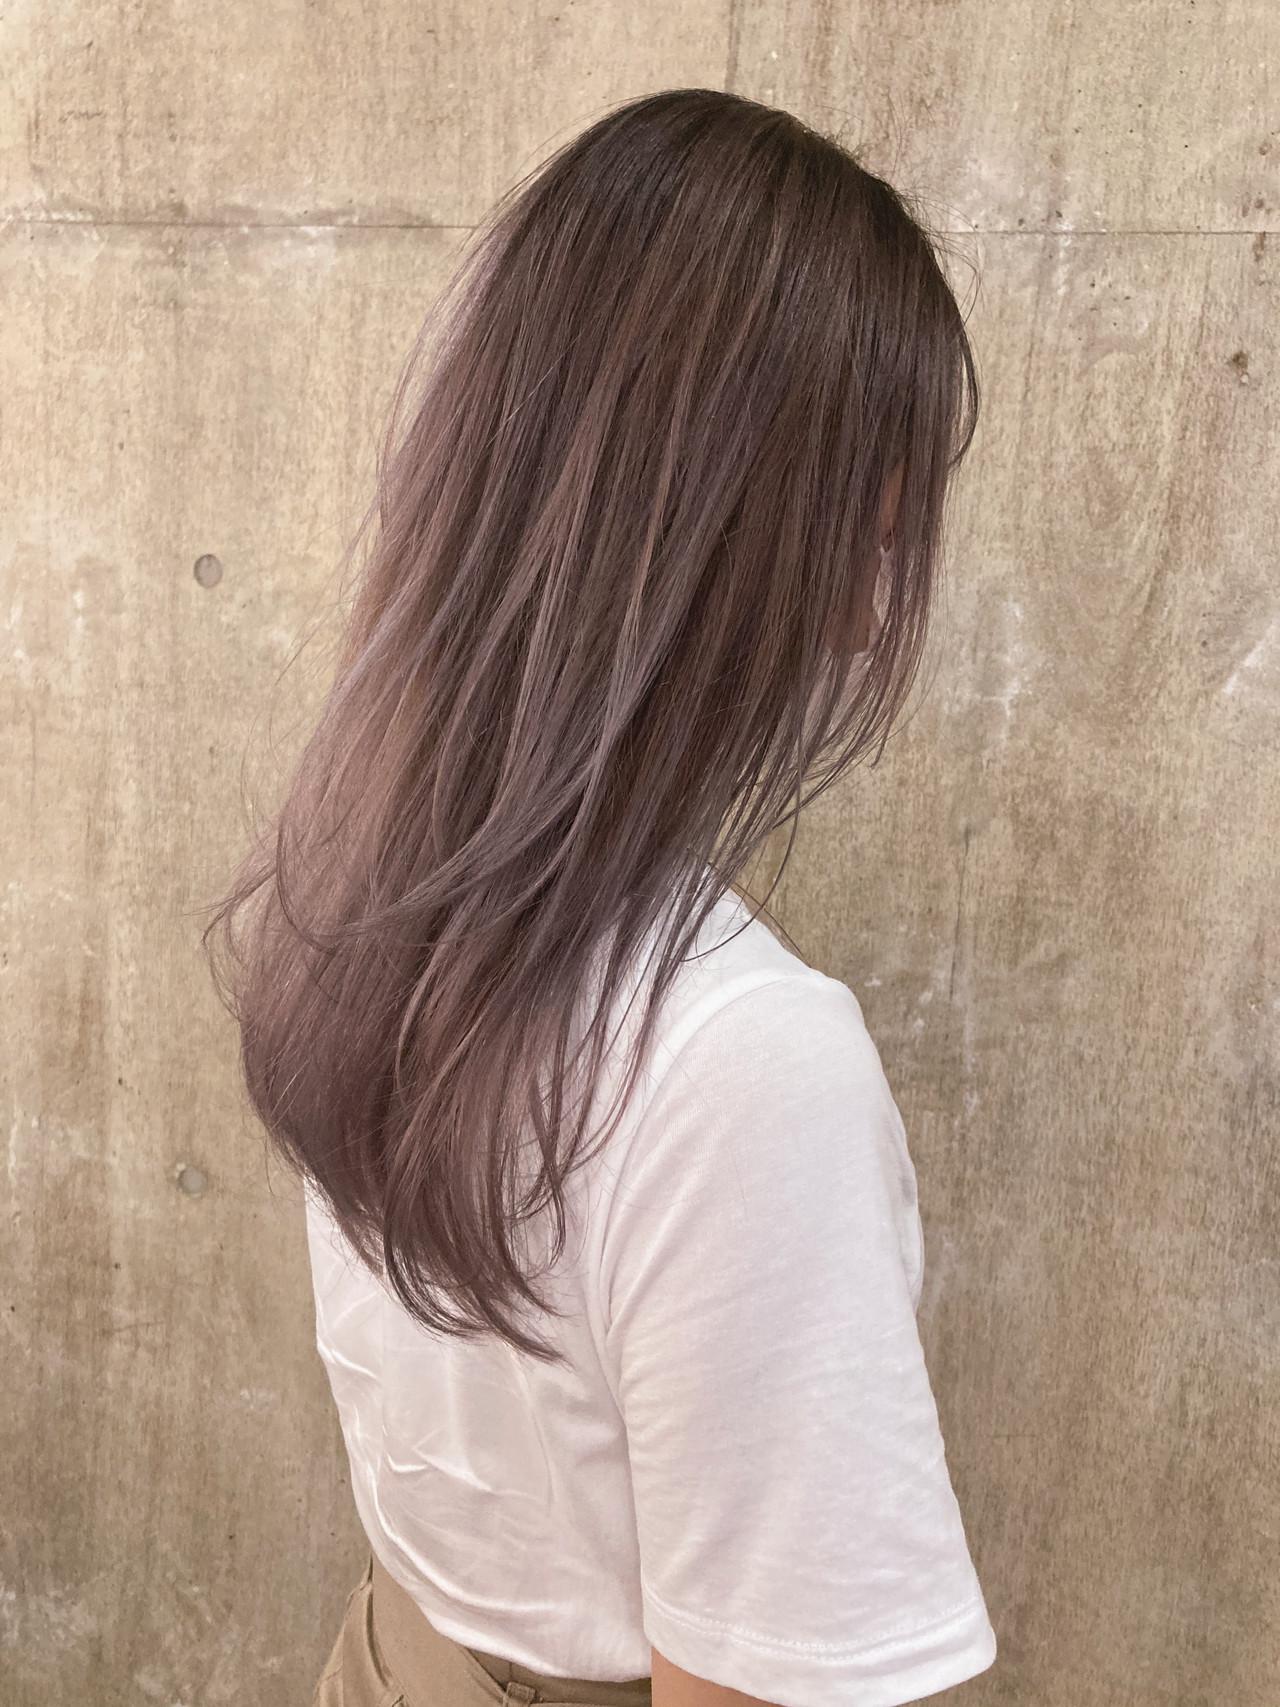 ハイトーンカラー ペールピンク レイヤースタイル ダブルカラー ヘアスタイルや髪型の写真・画像